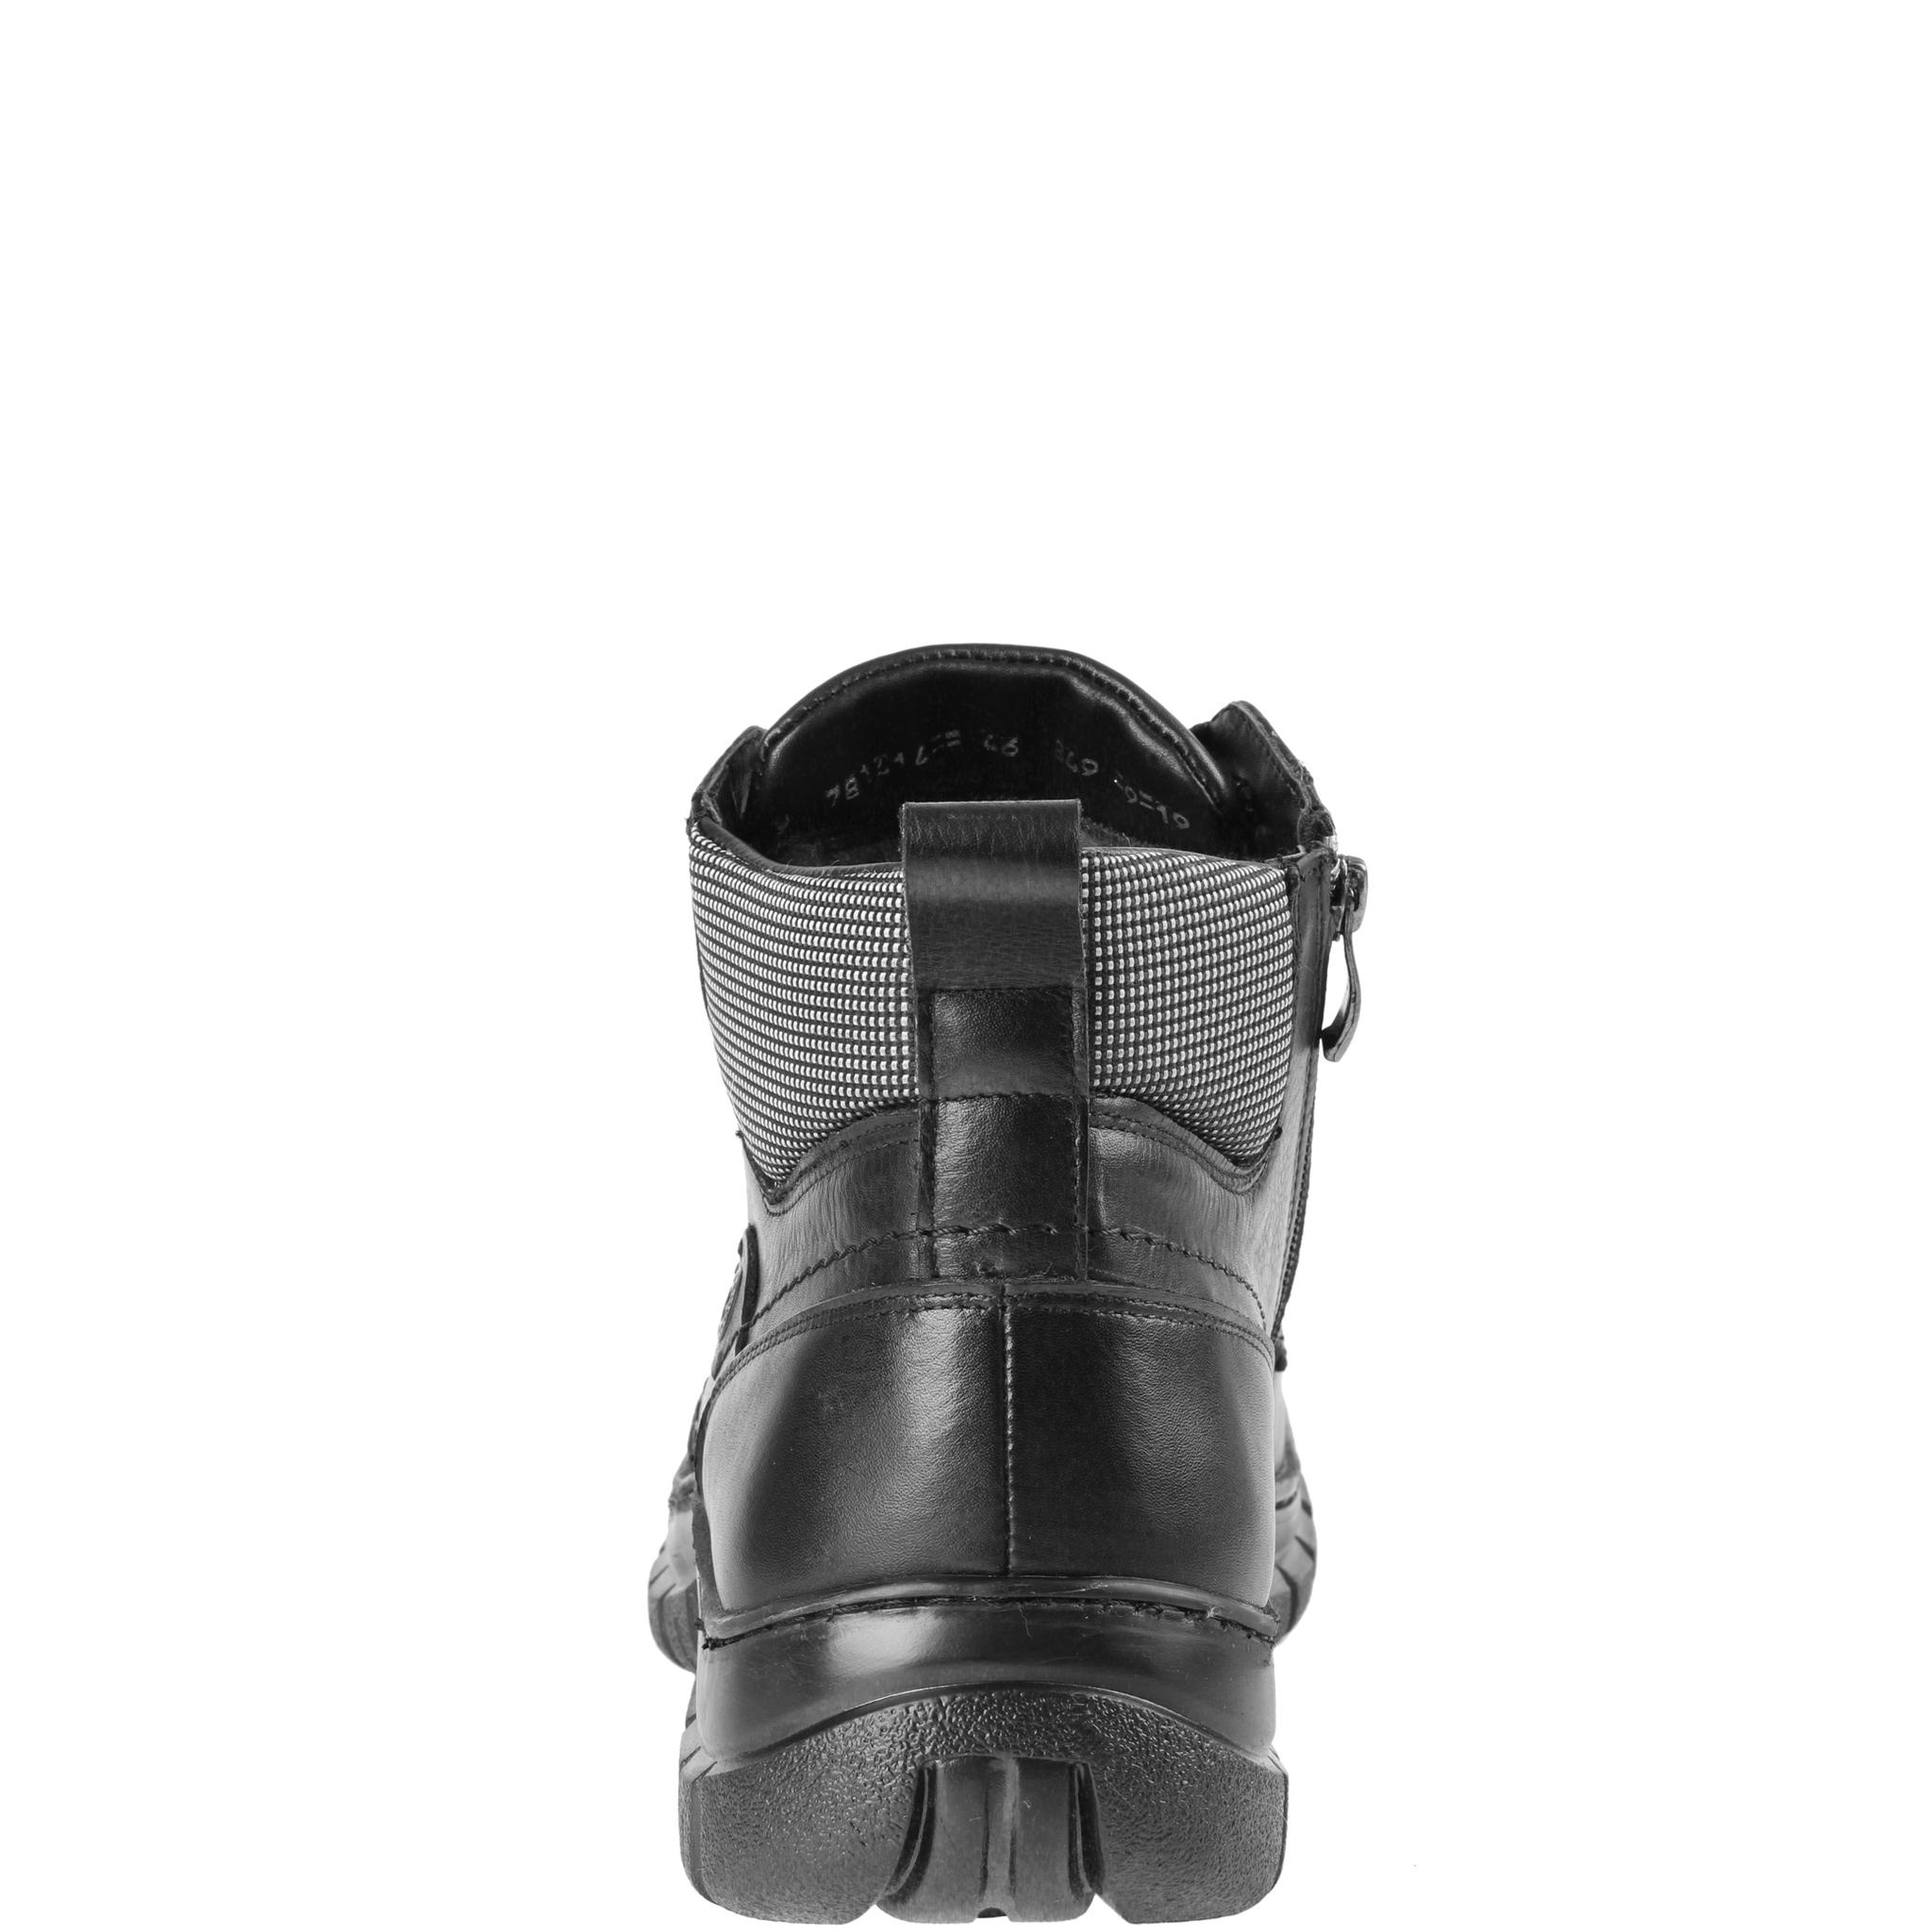 781414 Ботинки мужские черные больших размеров марки Делфино